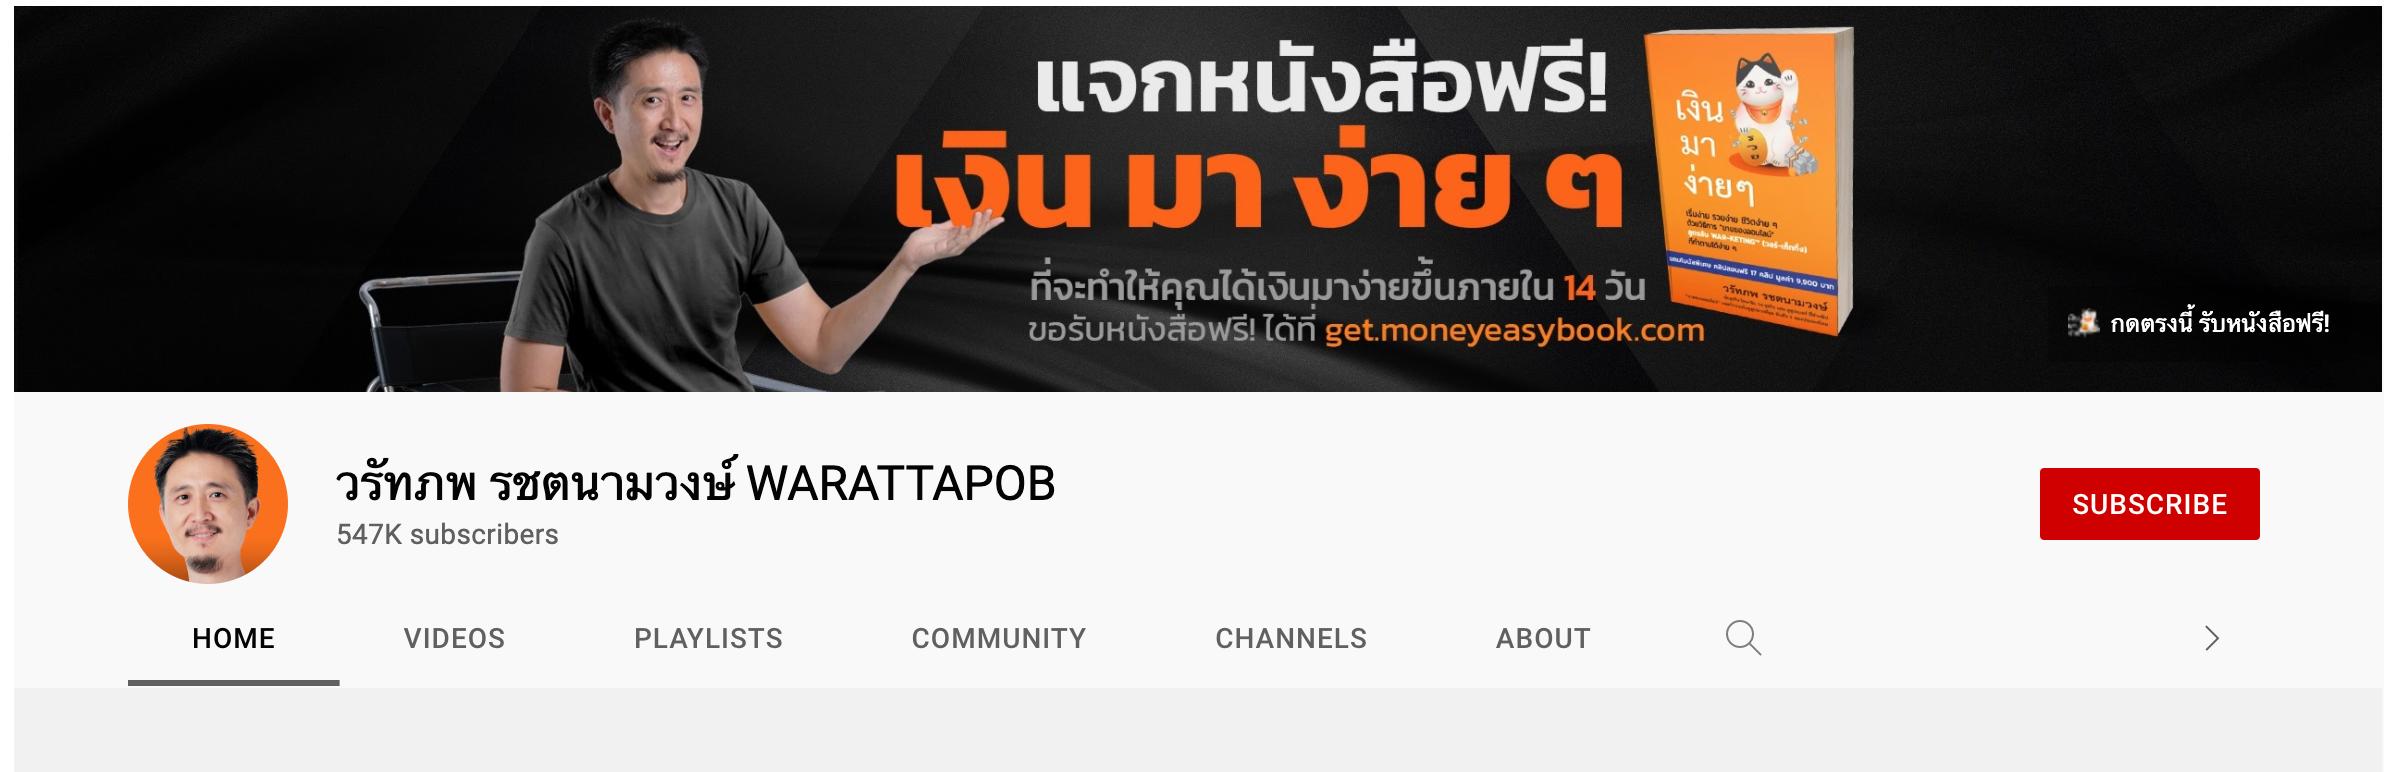 ภาพจาก YouTube/วรัทภพ รชตนามวงษ์ WARATTAPOB